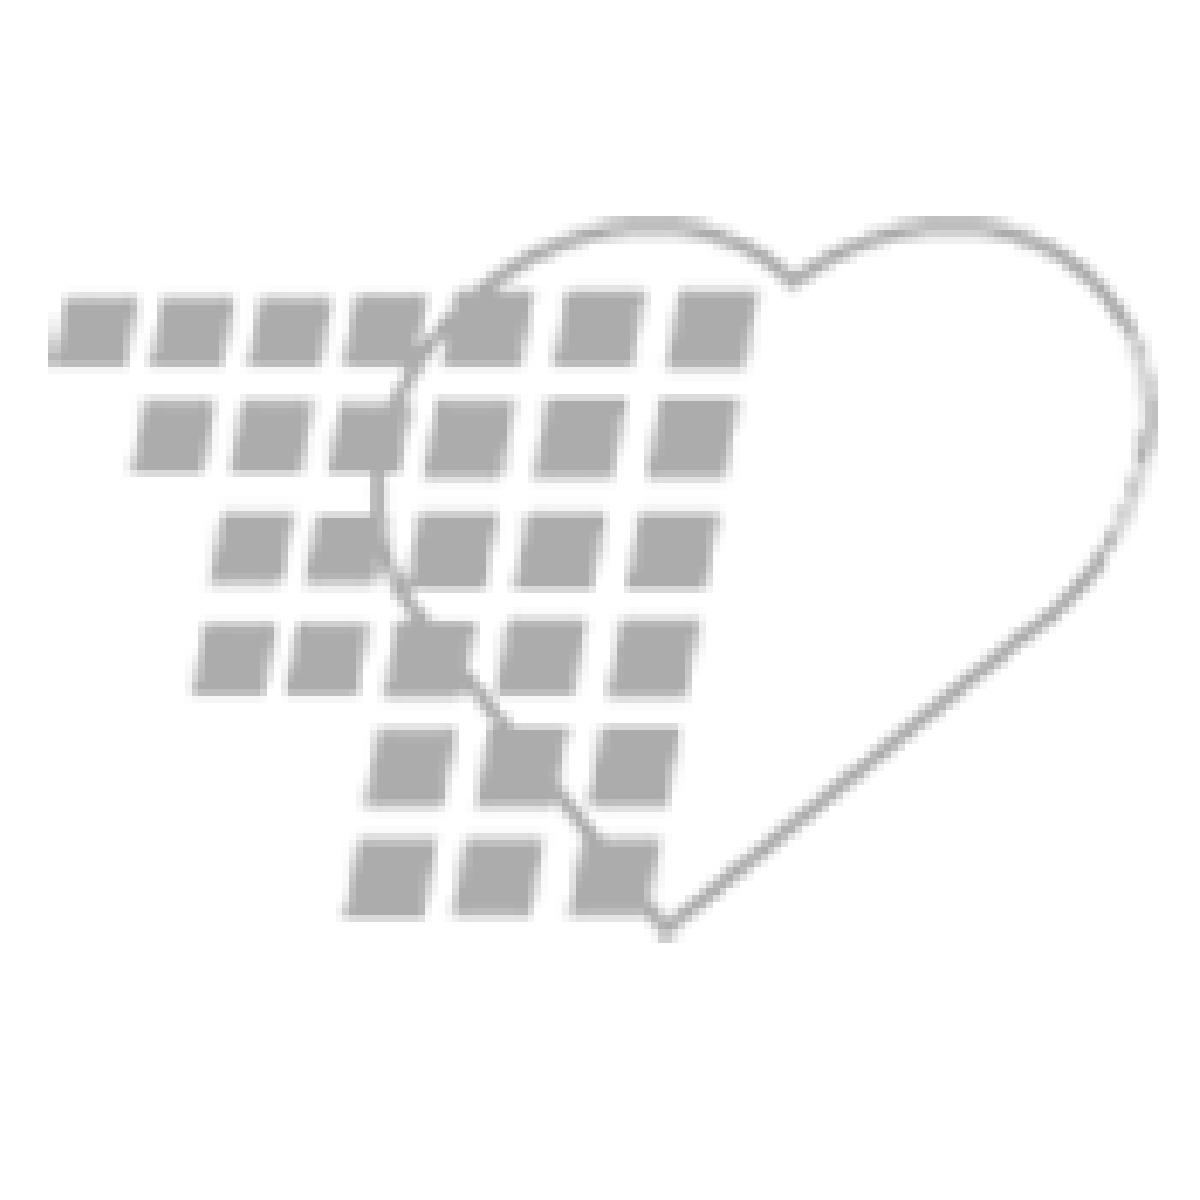 06-93-1501 - Demo Dose® Simulated Albuterol Sulfate 0.083%